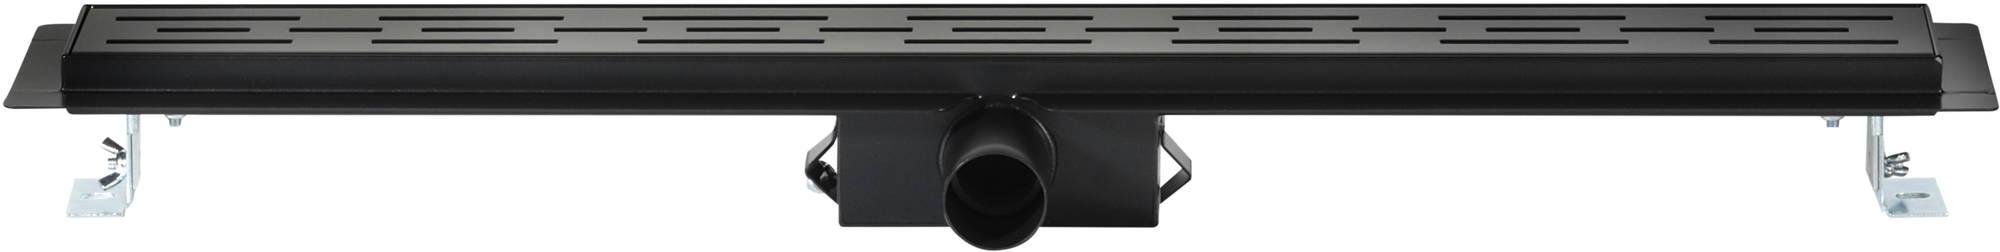 Saniselect Douchegoot met Flens, Sifon en Filter 70x7 cm Zwart